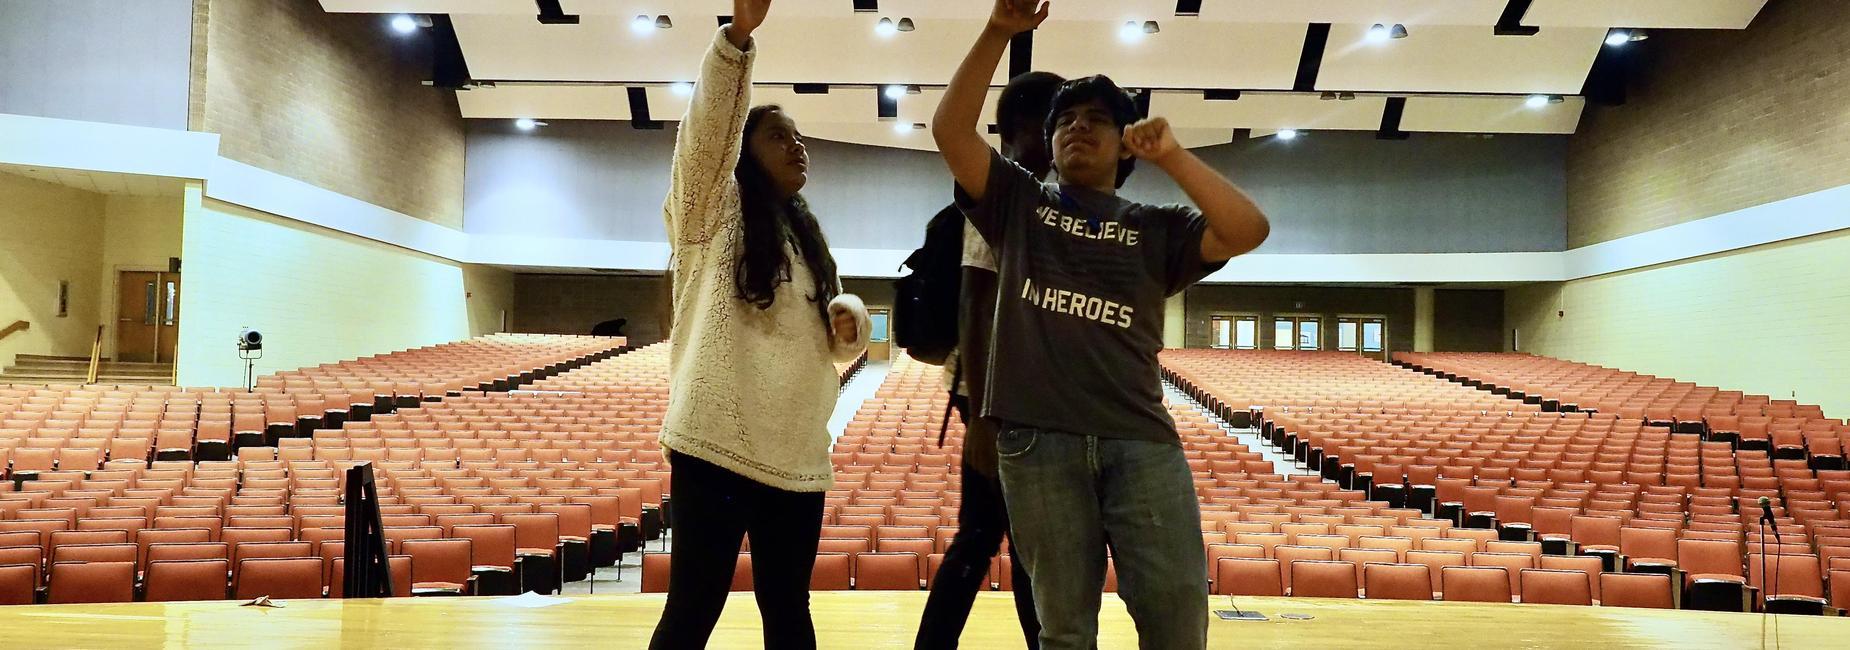 drama students in auditorium